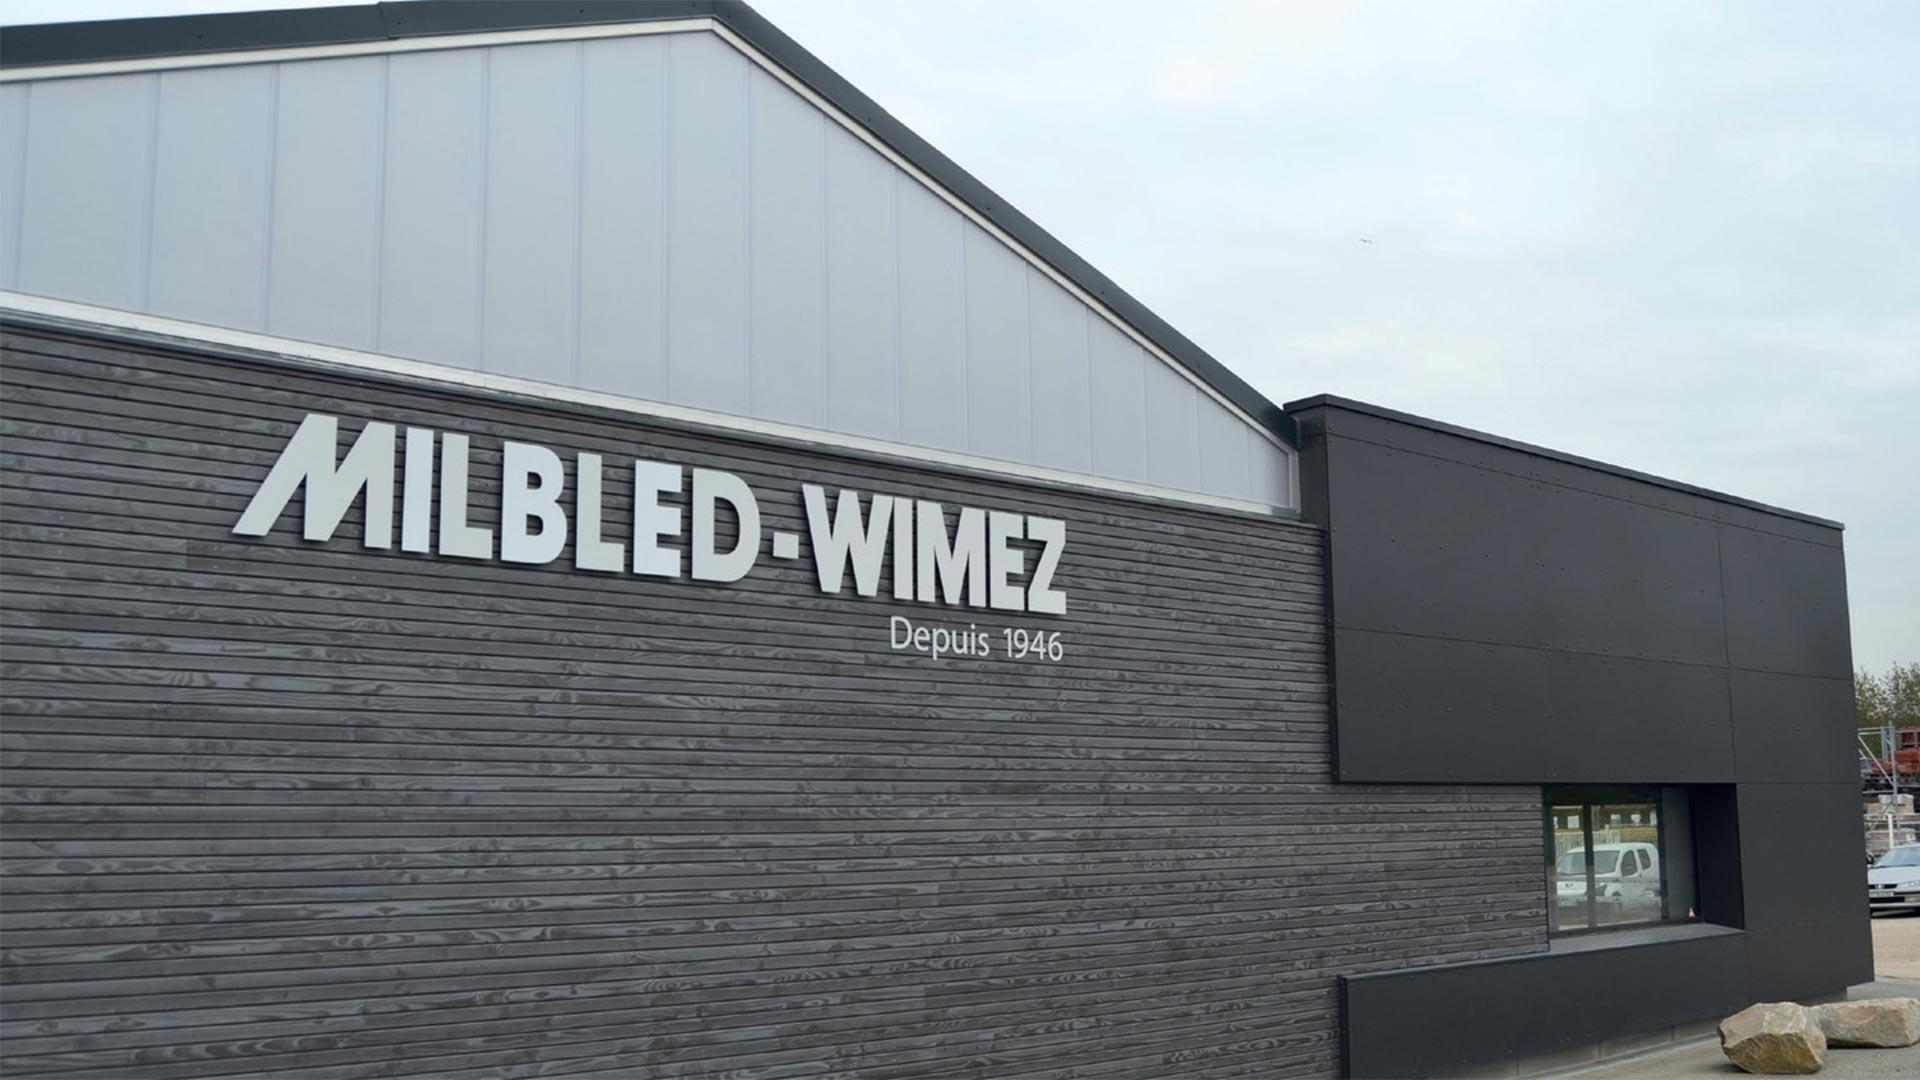 libre-service-blog-milbled-wimez